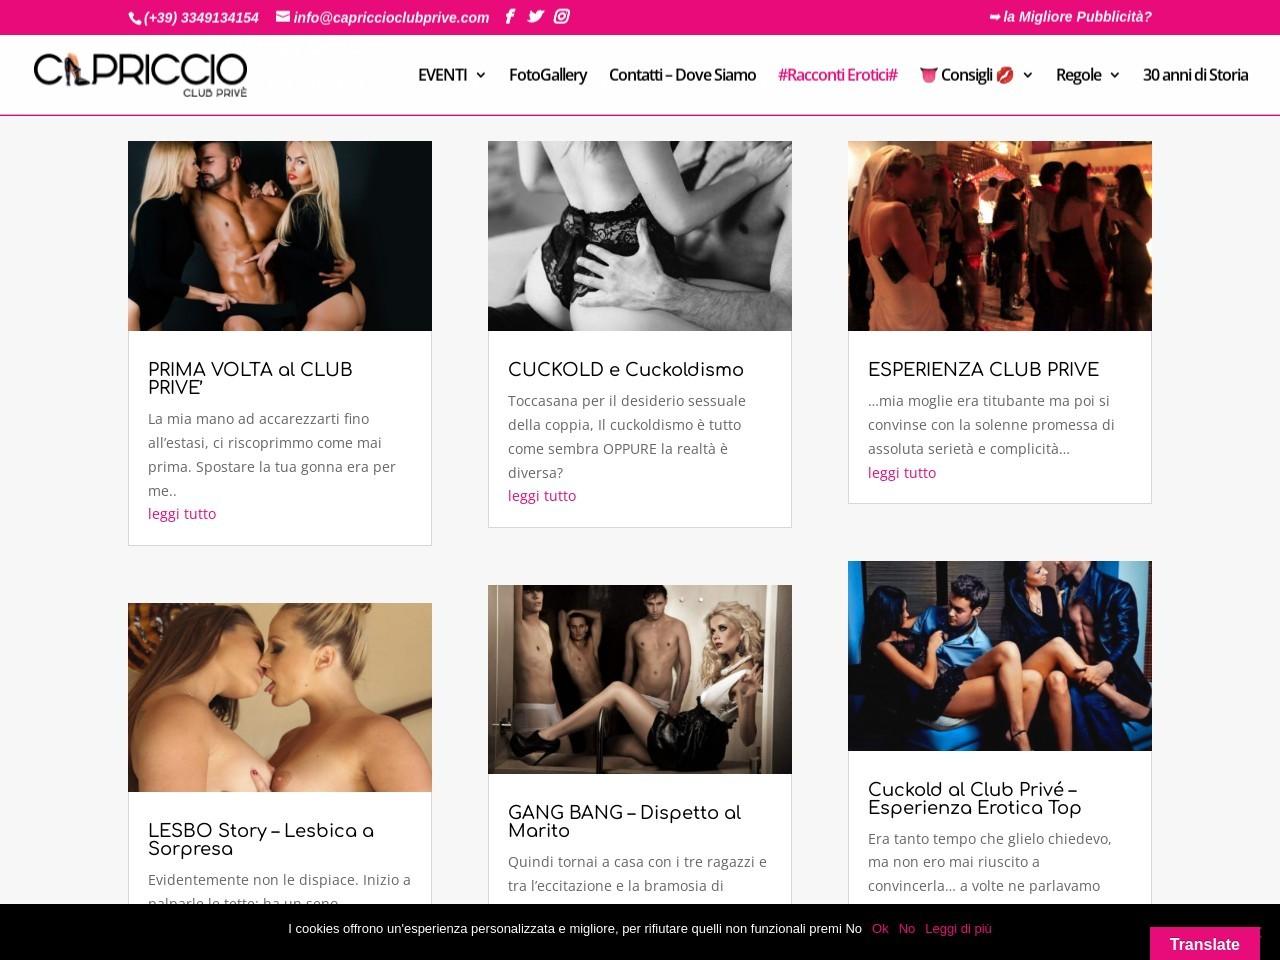 capriccio-club-milano-racconti-erotici